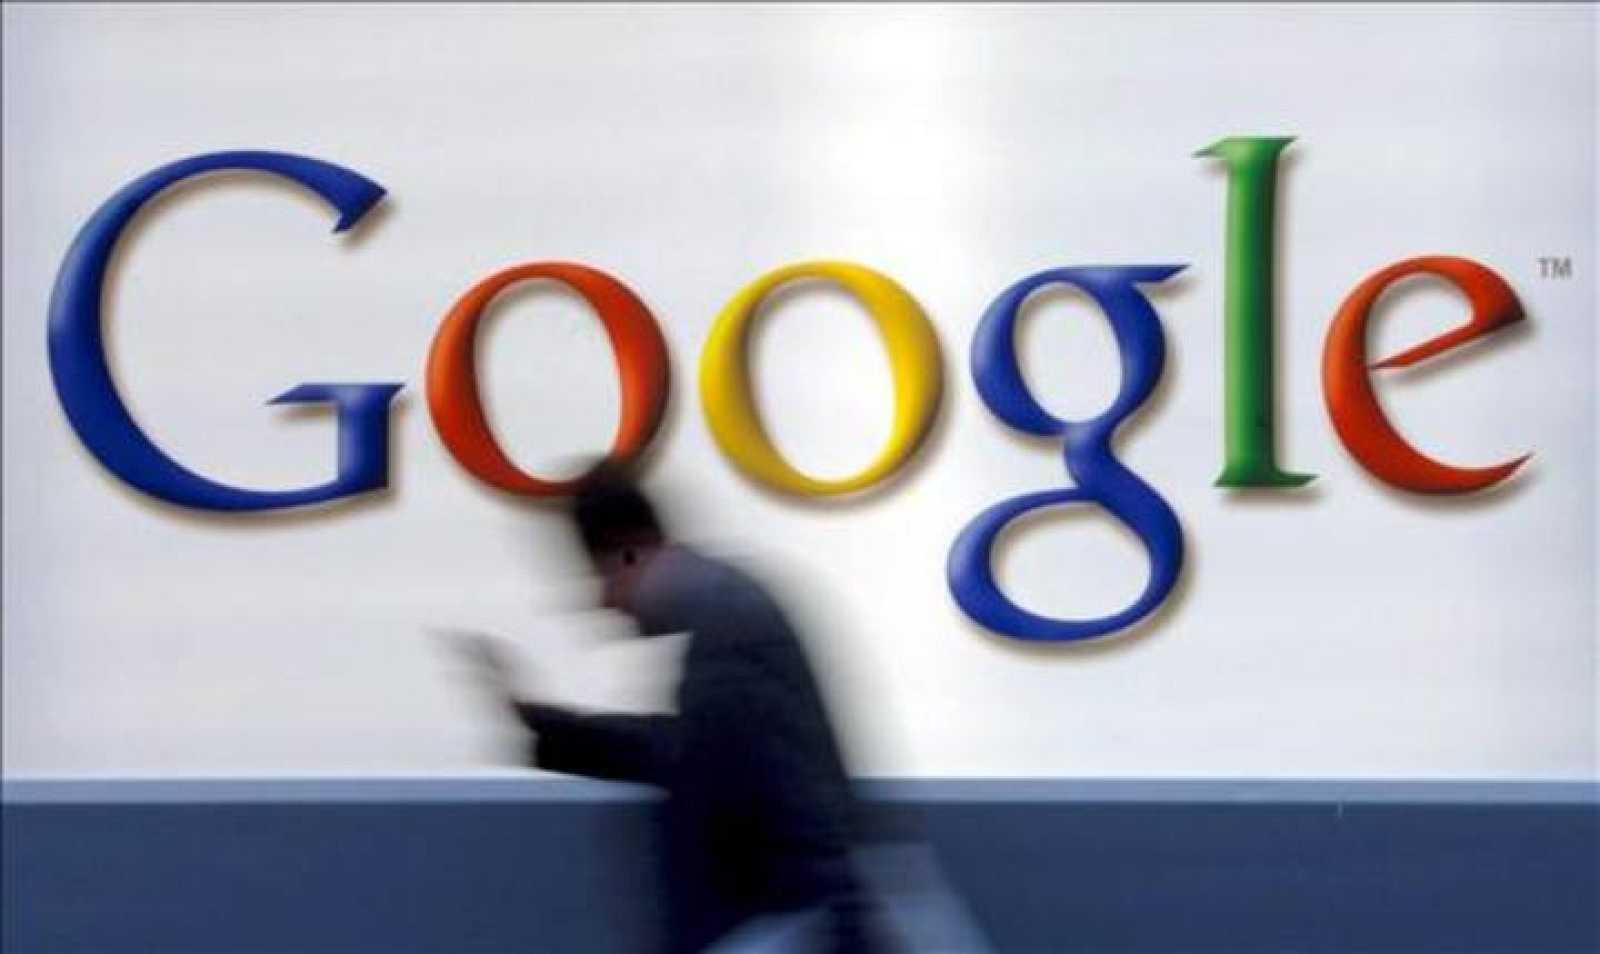 Logo de la empresa de Silicon Valley, Google.